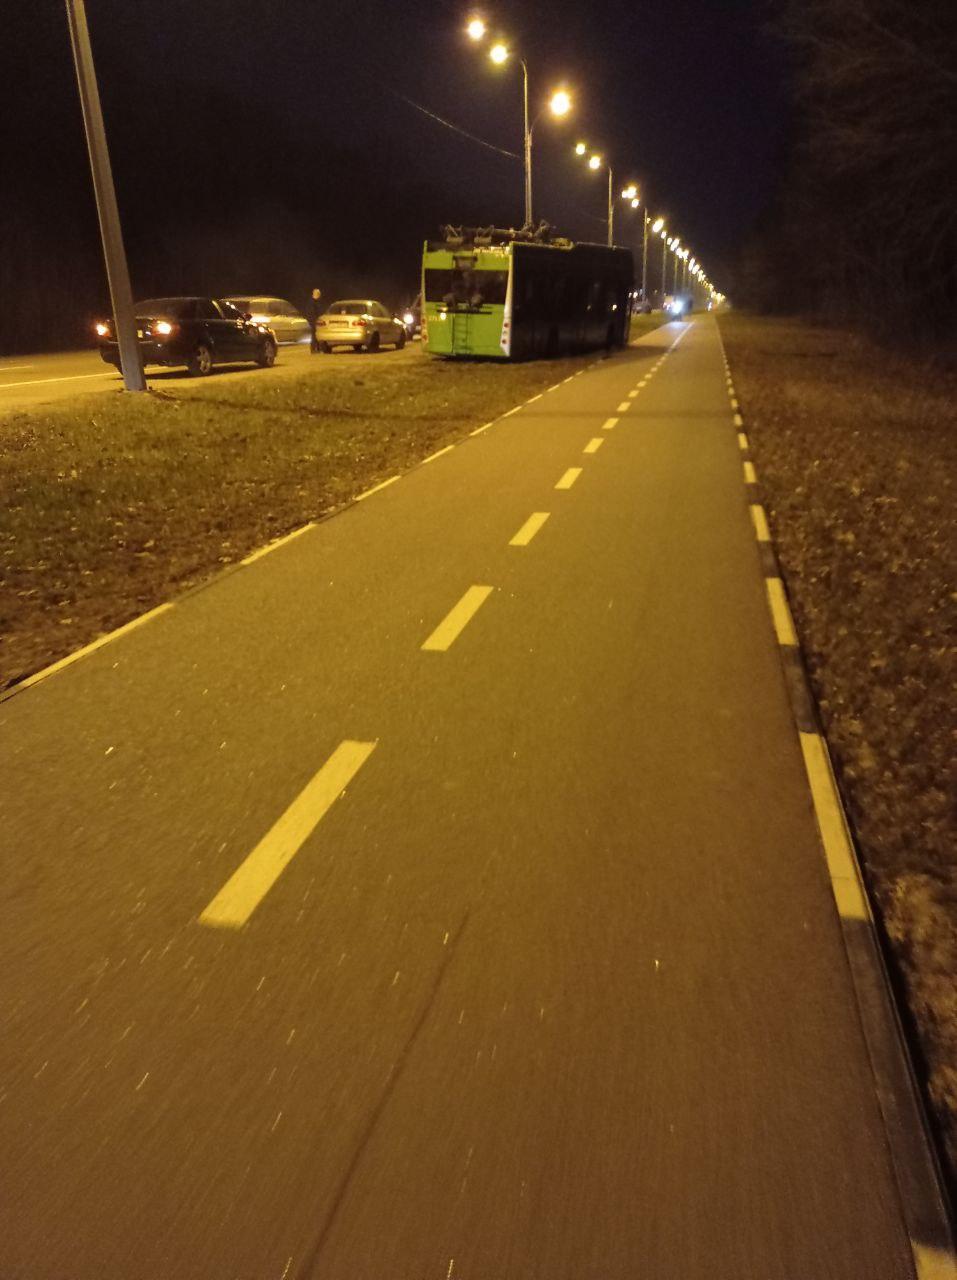 12 апреля троллейбус 50 маршрута после отказа батареи при попытке разворота съехал с трассы и там же застрял. Фото https://t.me/PyatHat_talk/61908